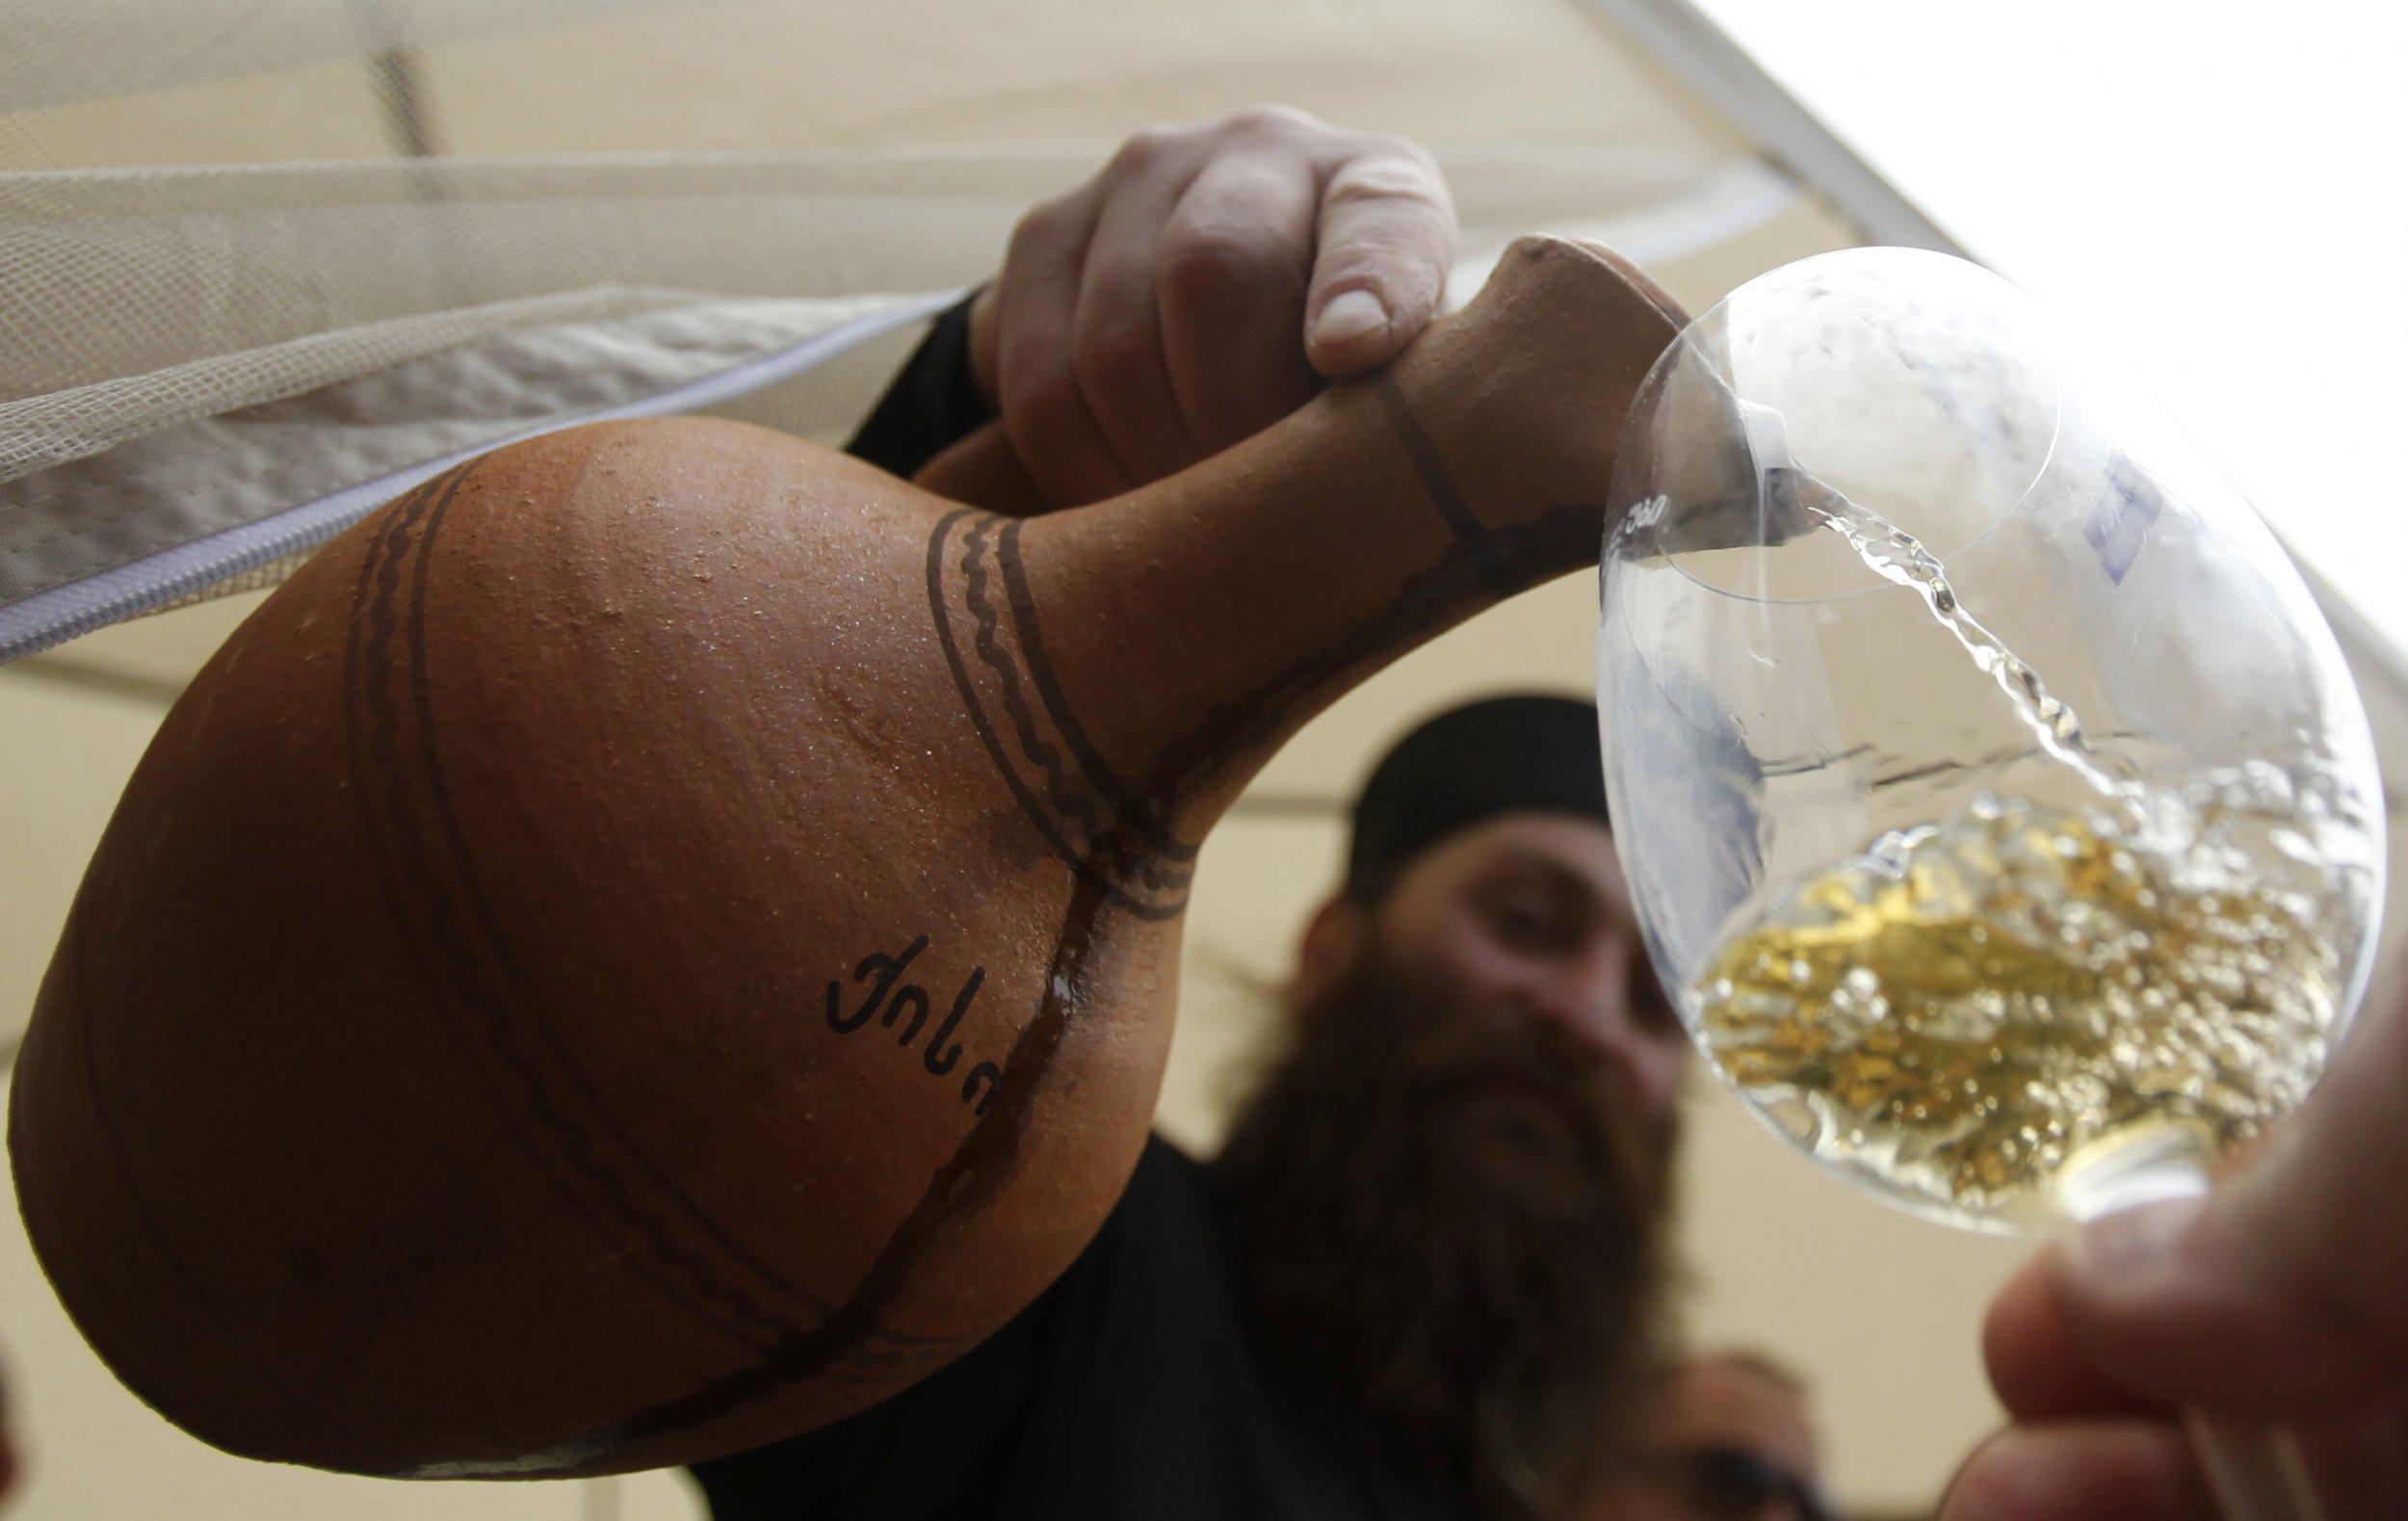 Priest pours Georgian wine in glass